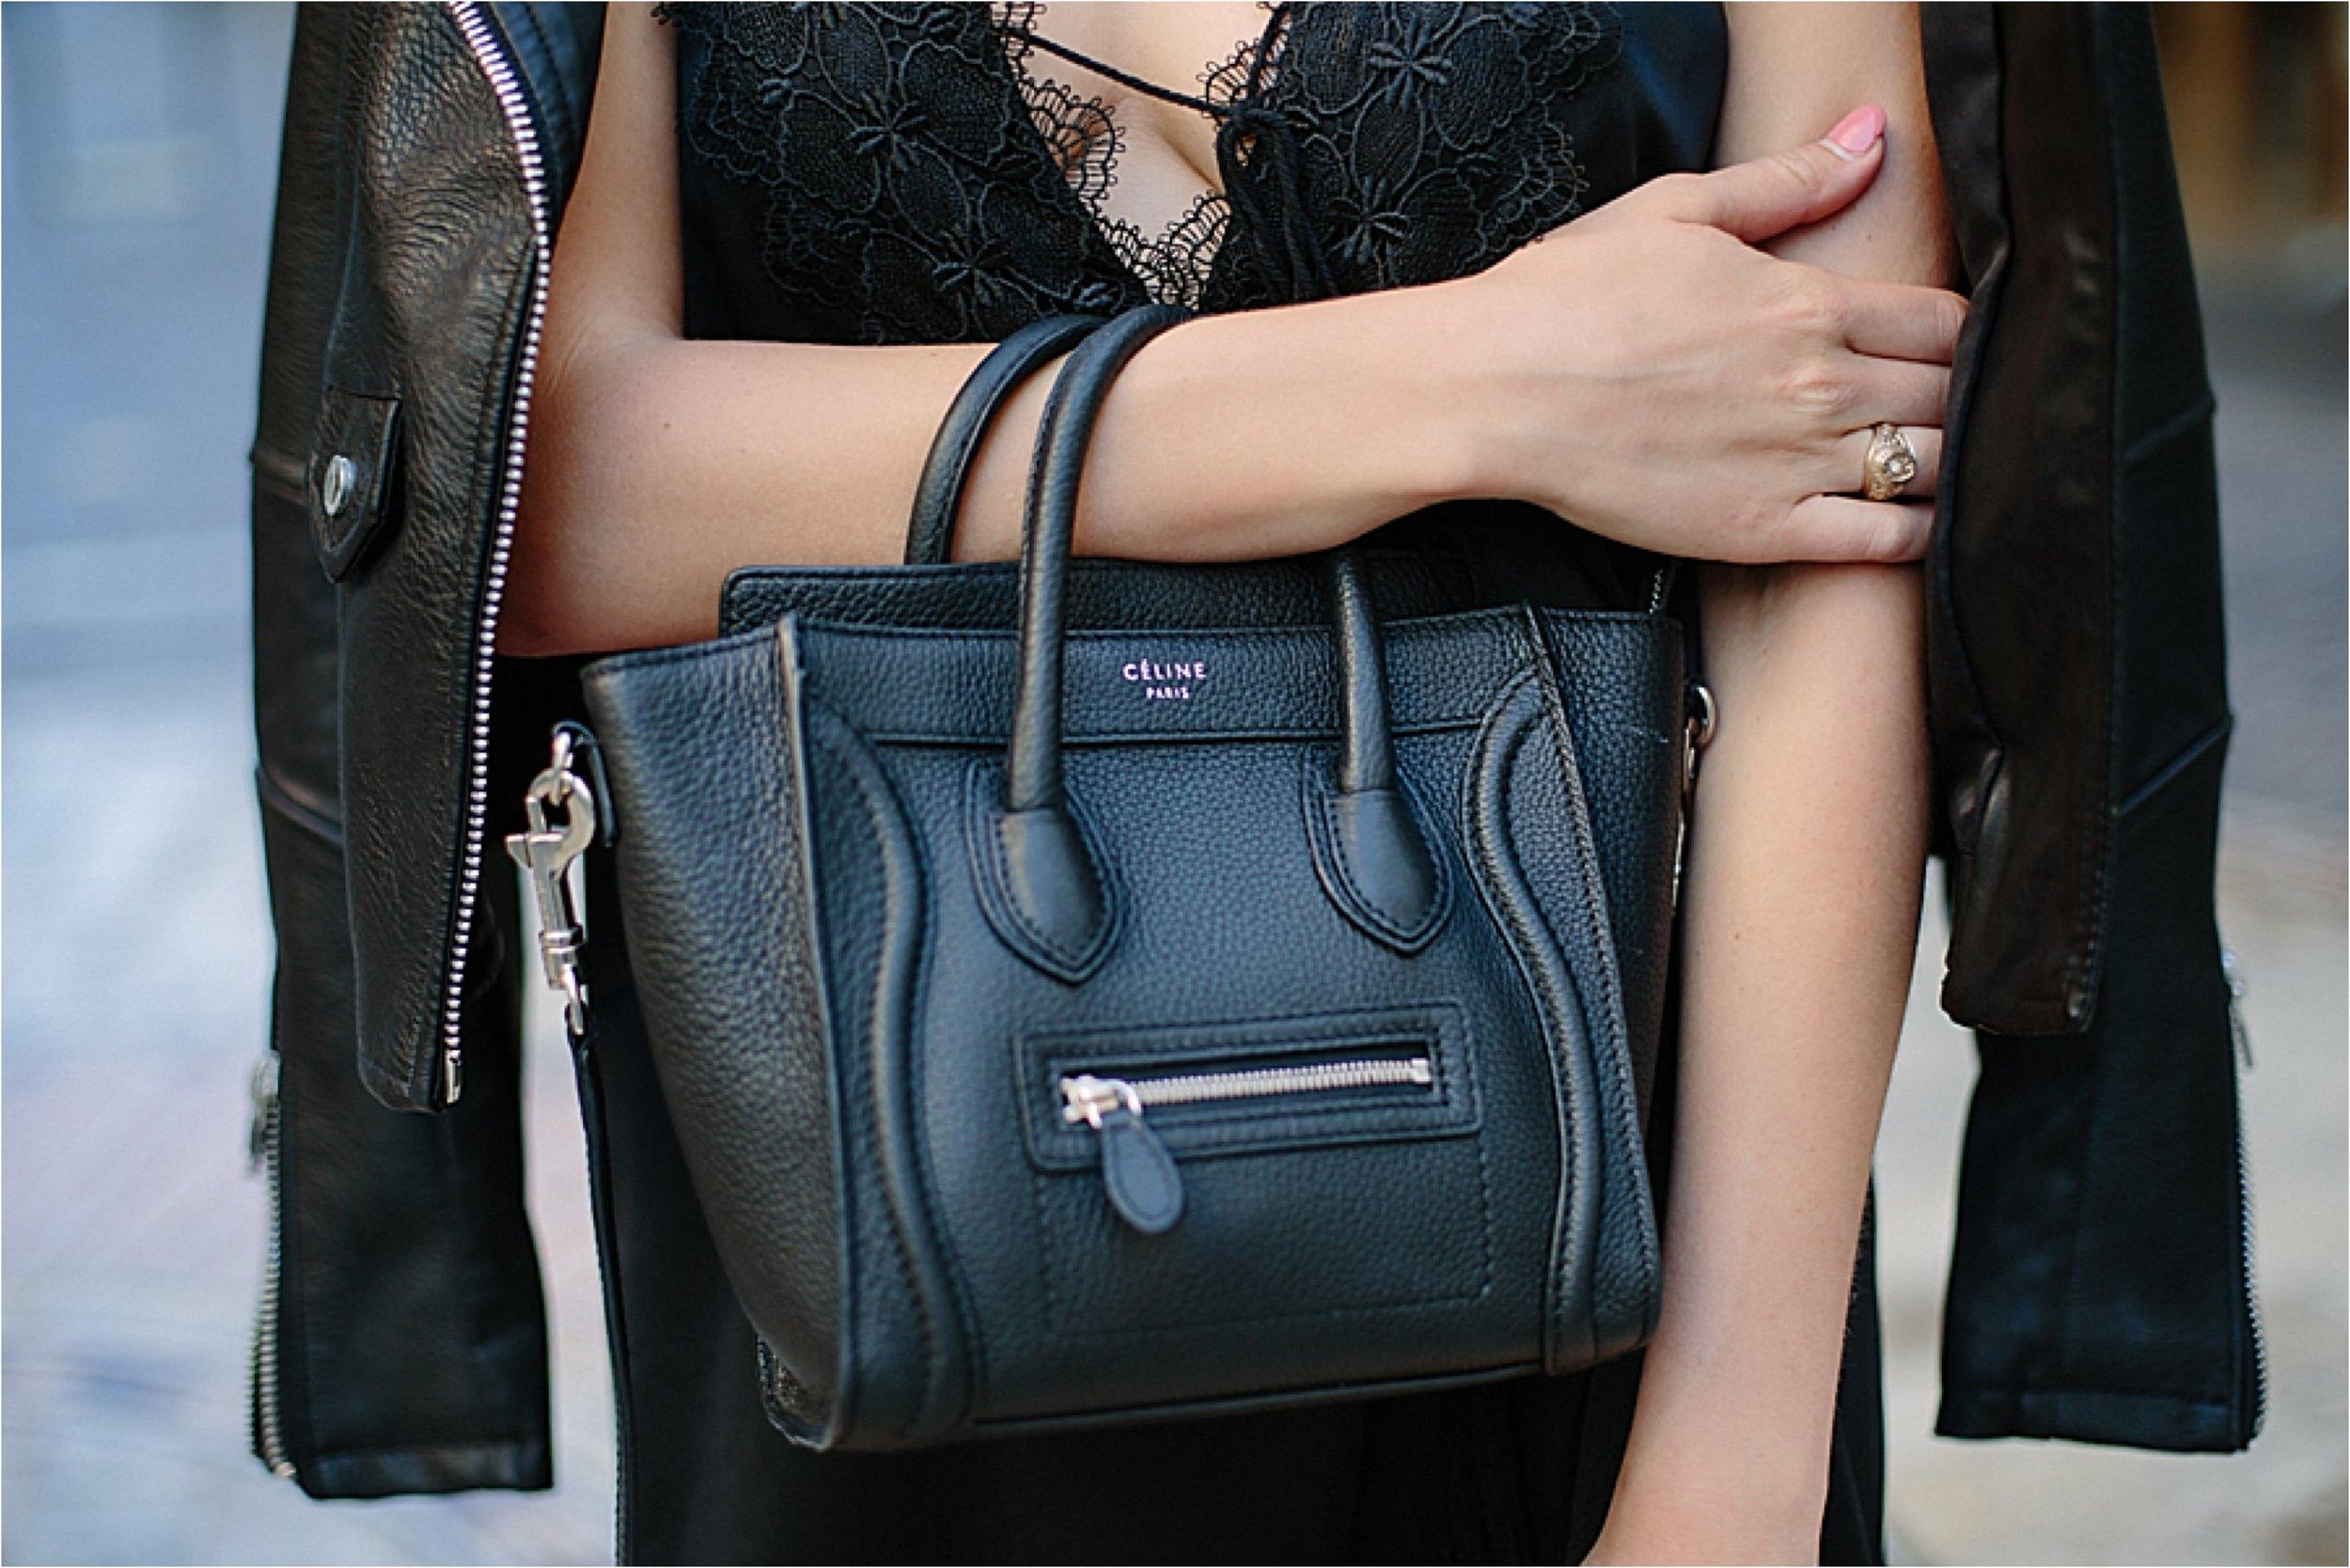 The Grove LA Fashion Photo